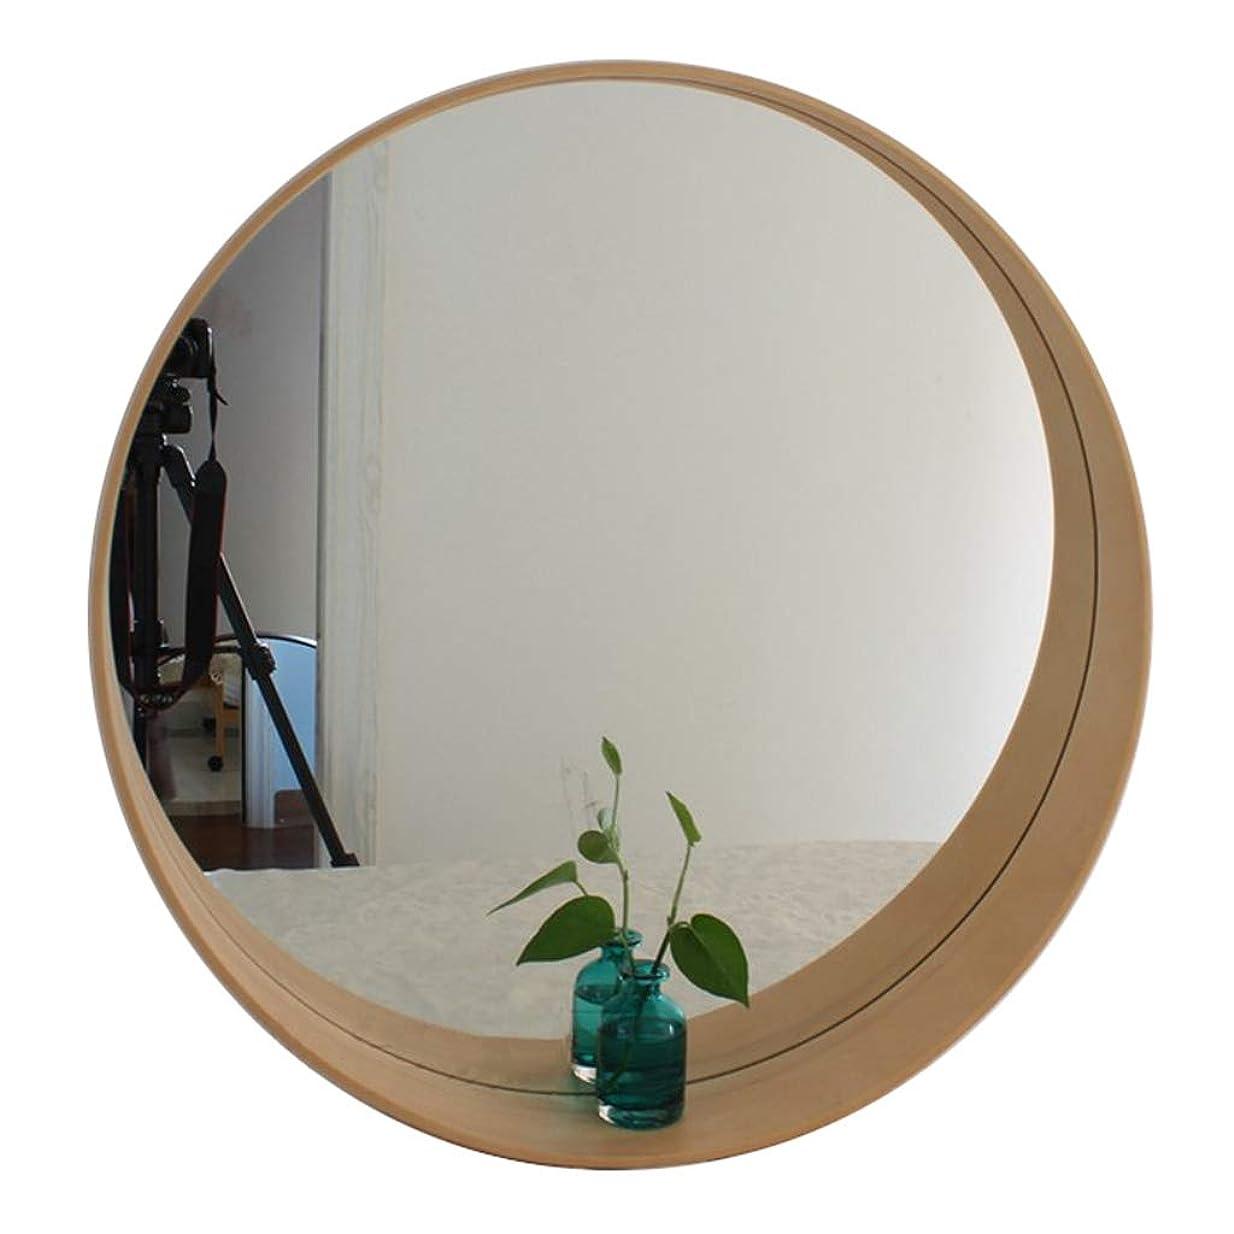 テレマコス終了しましたアスリート壁掛けミラー壁掛けミラー ラウンド化粧壁ミラーリビングルームの寝室サークル浴室ドレッシングミラー壁掛け化粧台ミラー装飾ウッドフレーム(50 cm-70 cm) 装飾的なクリエイティブコンサイス